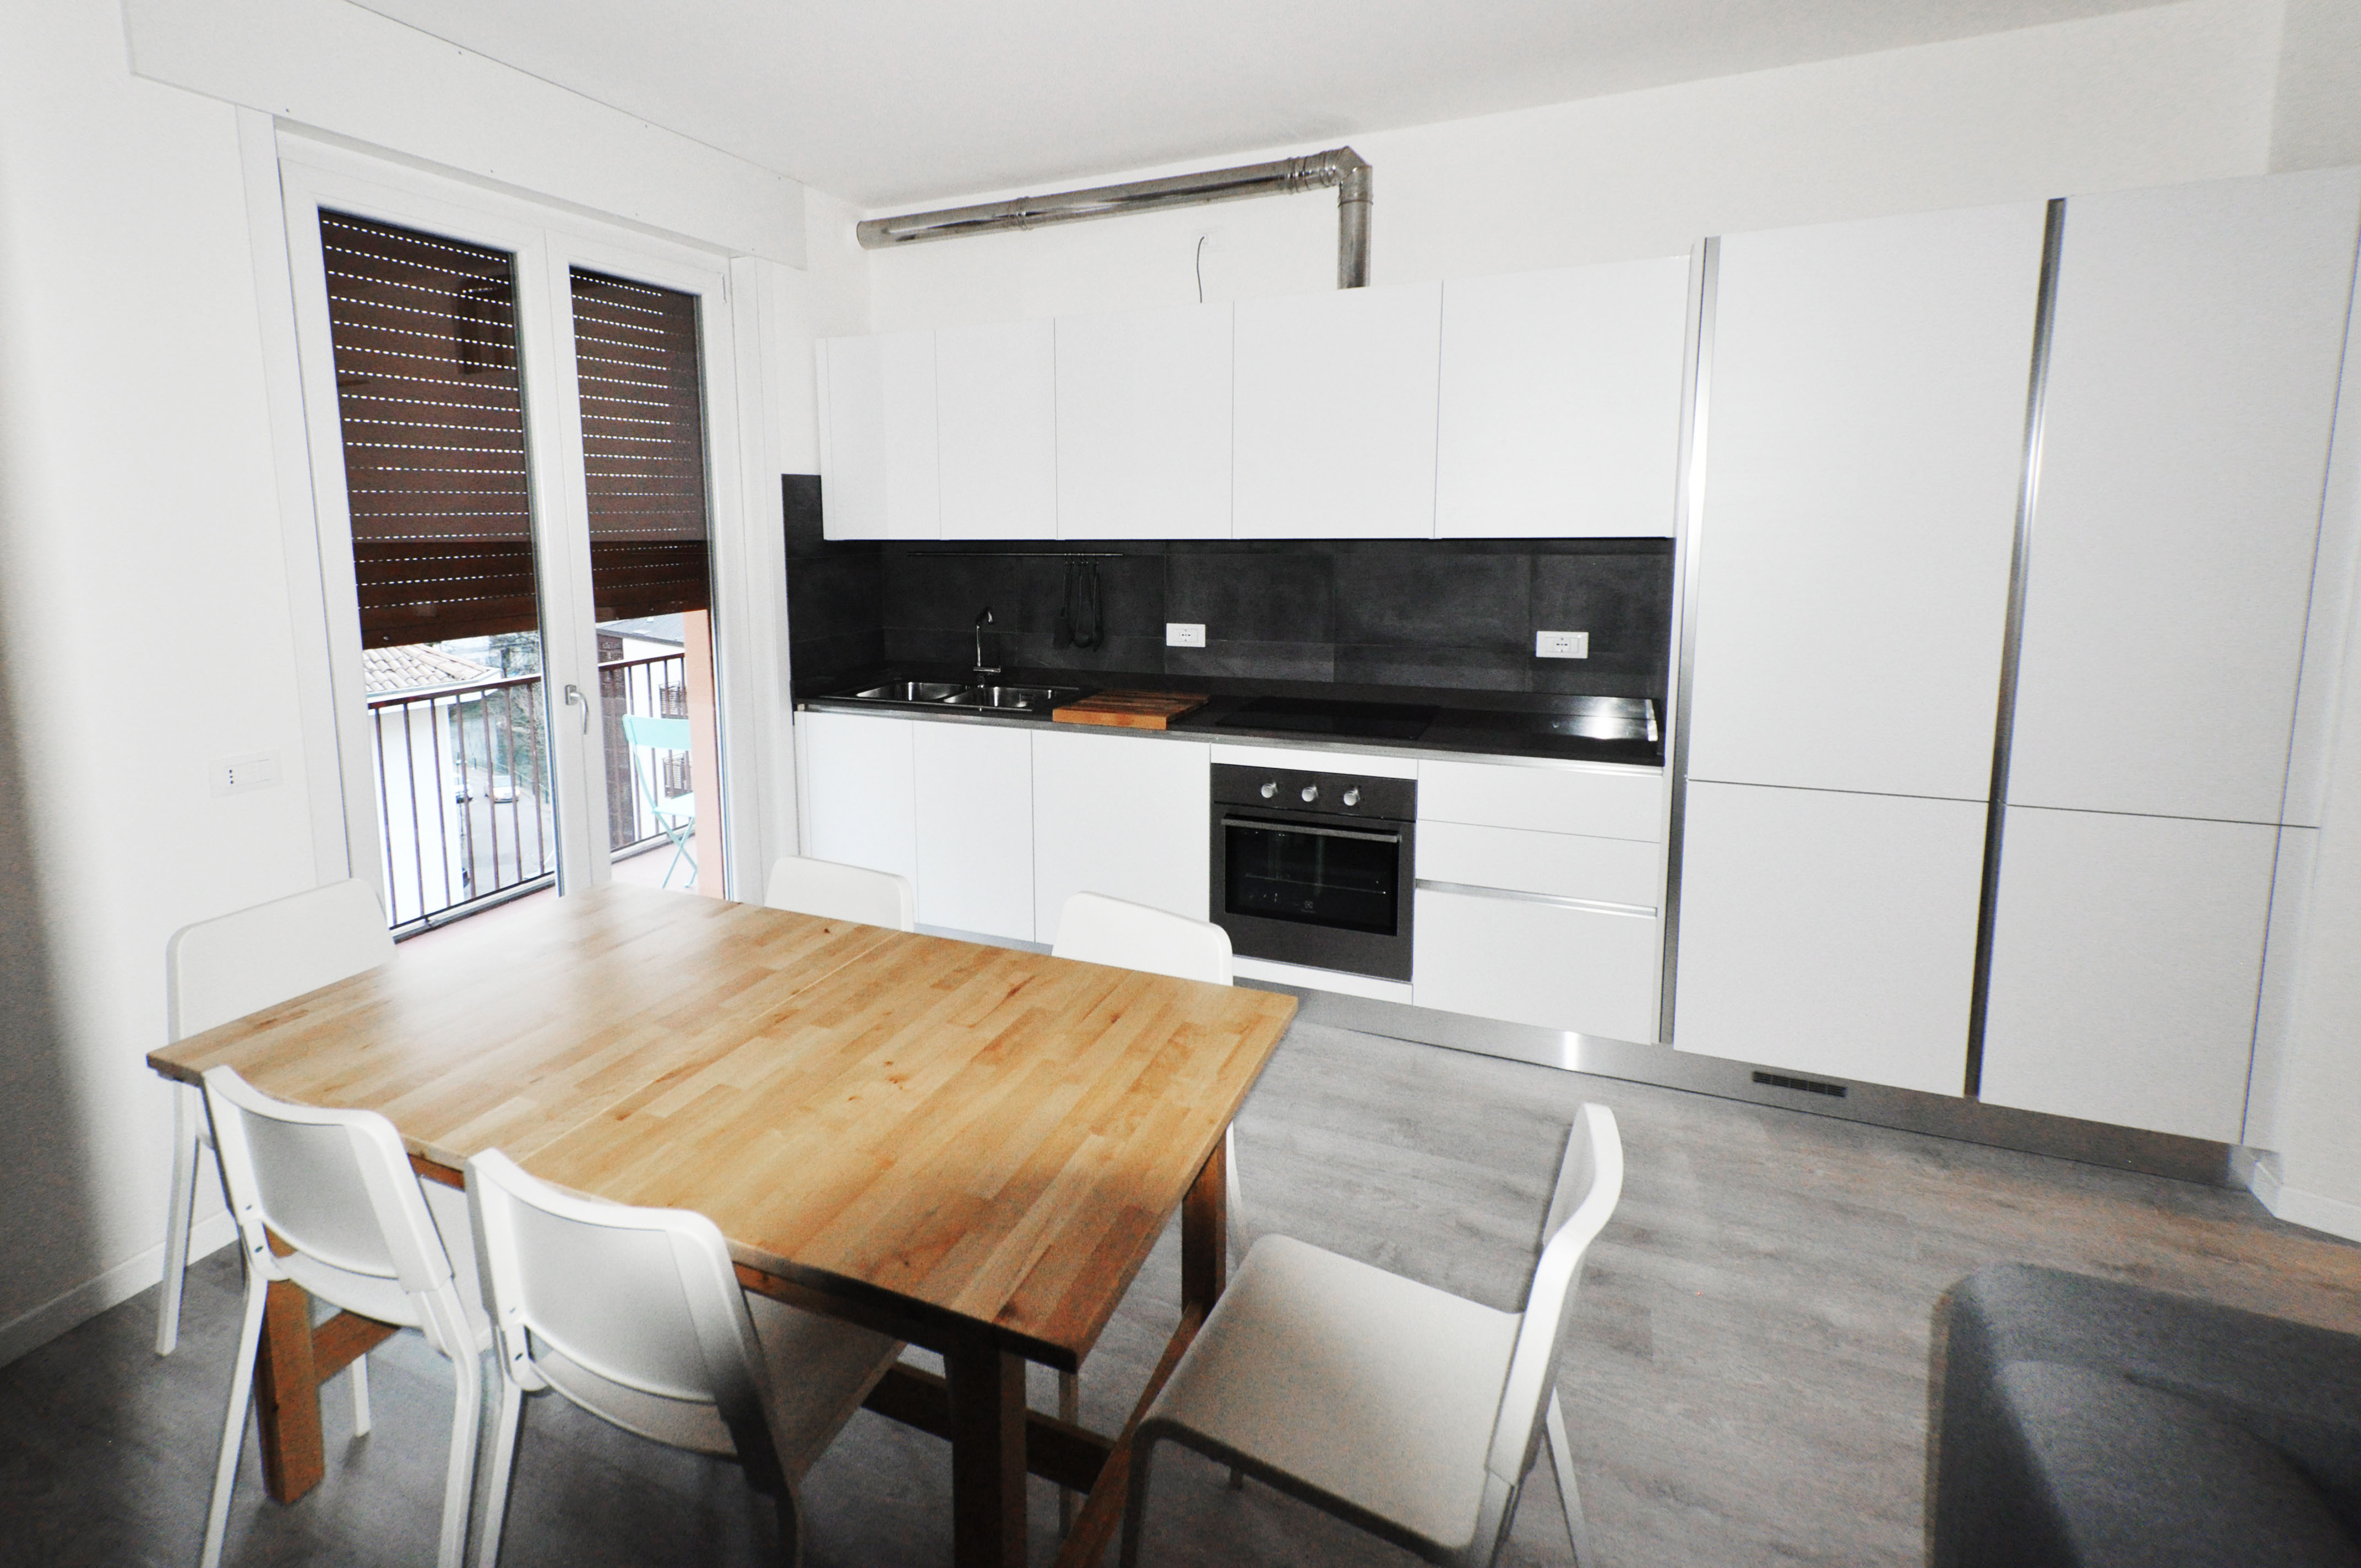 Camere in affitto-Treviso-Ospedale-Stazione-Studio-Architettura-Zanatta bertolini_10